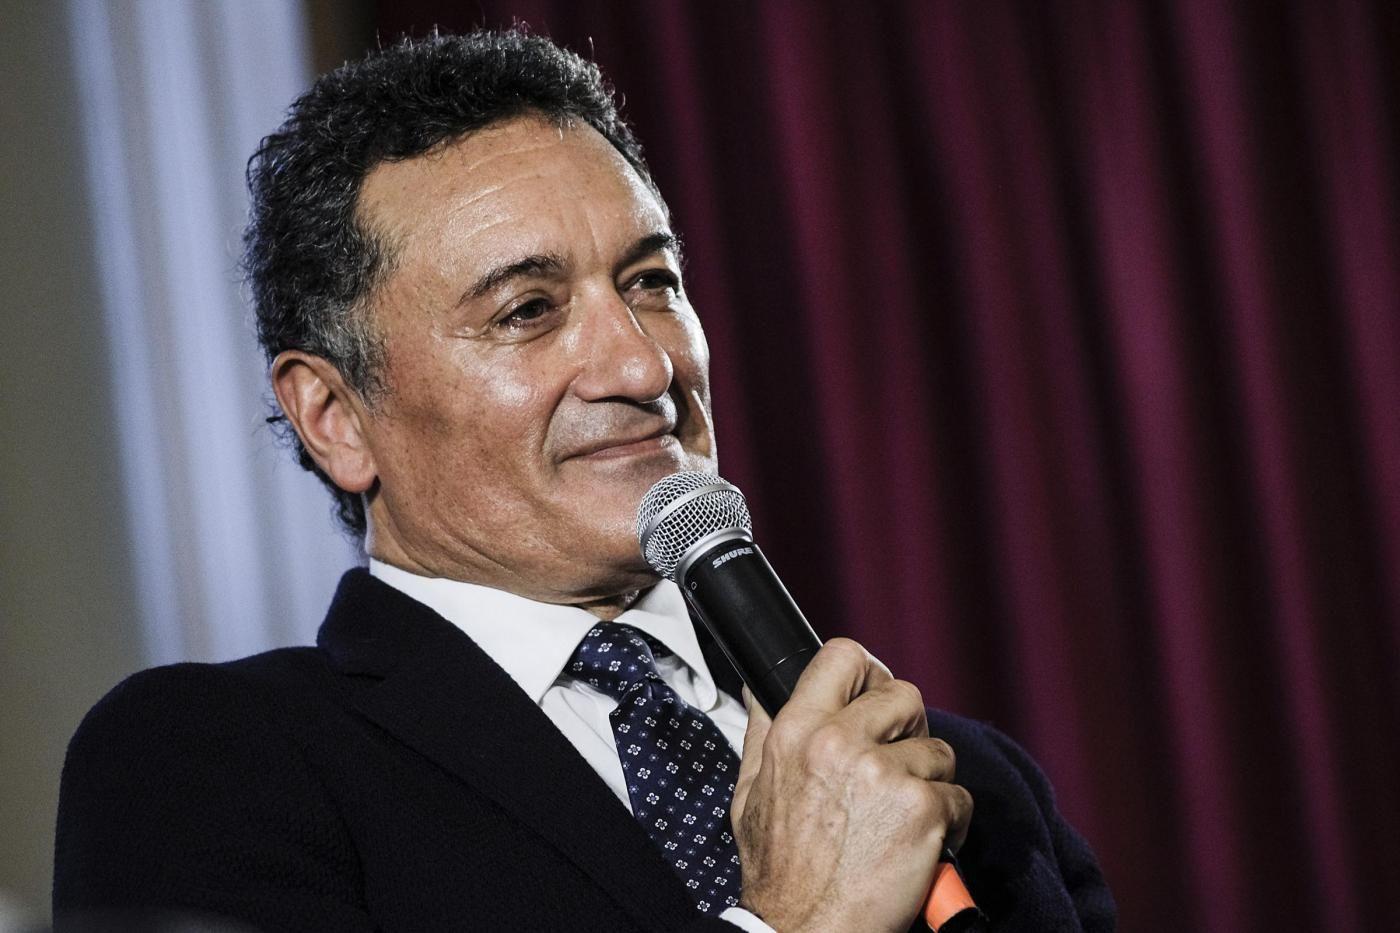 """Presentazione del libro: """"E sono stato gentile"""" di Claudio Gentile"""